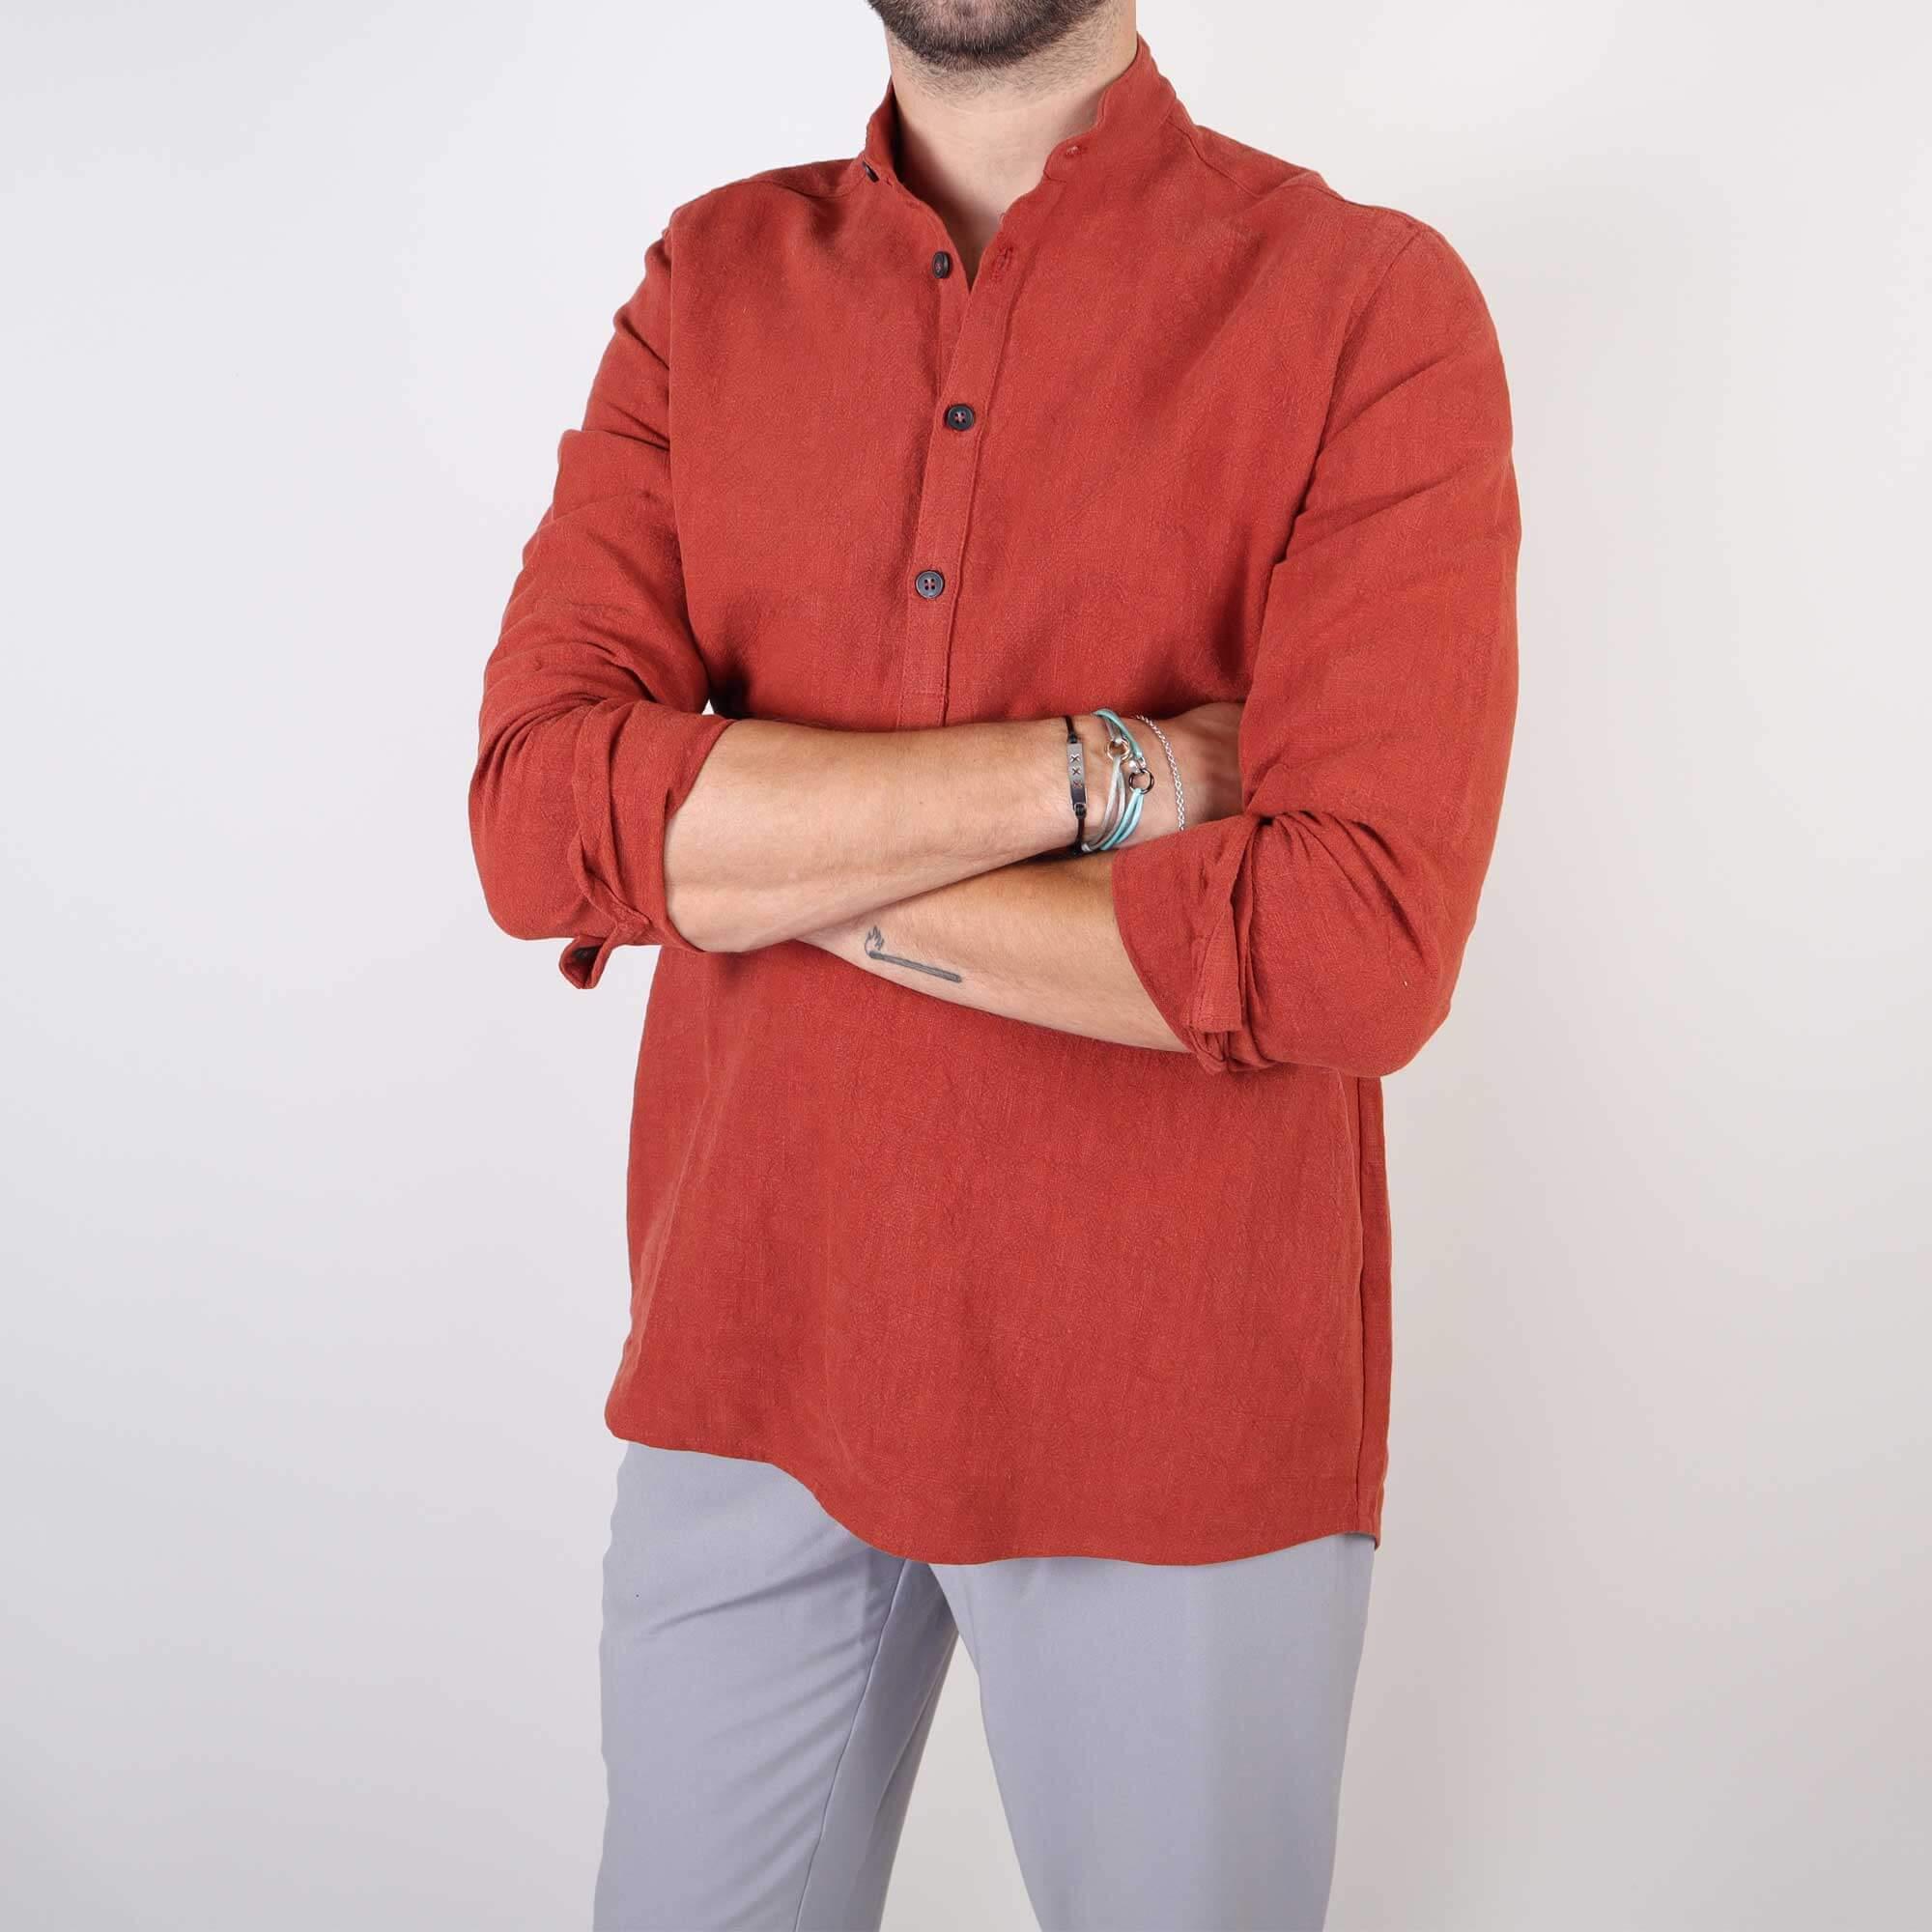 zippy-linnen-rood-3